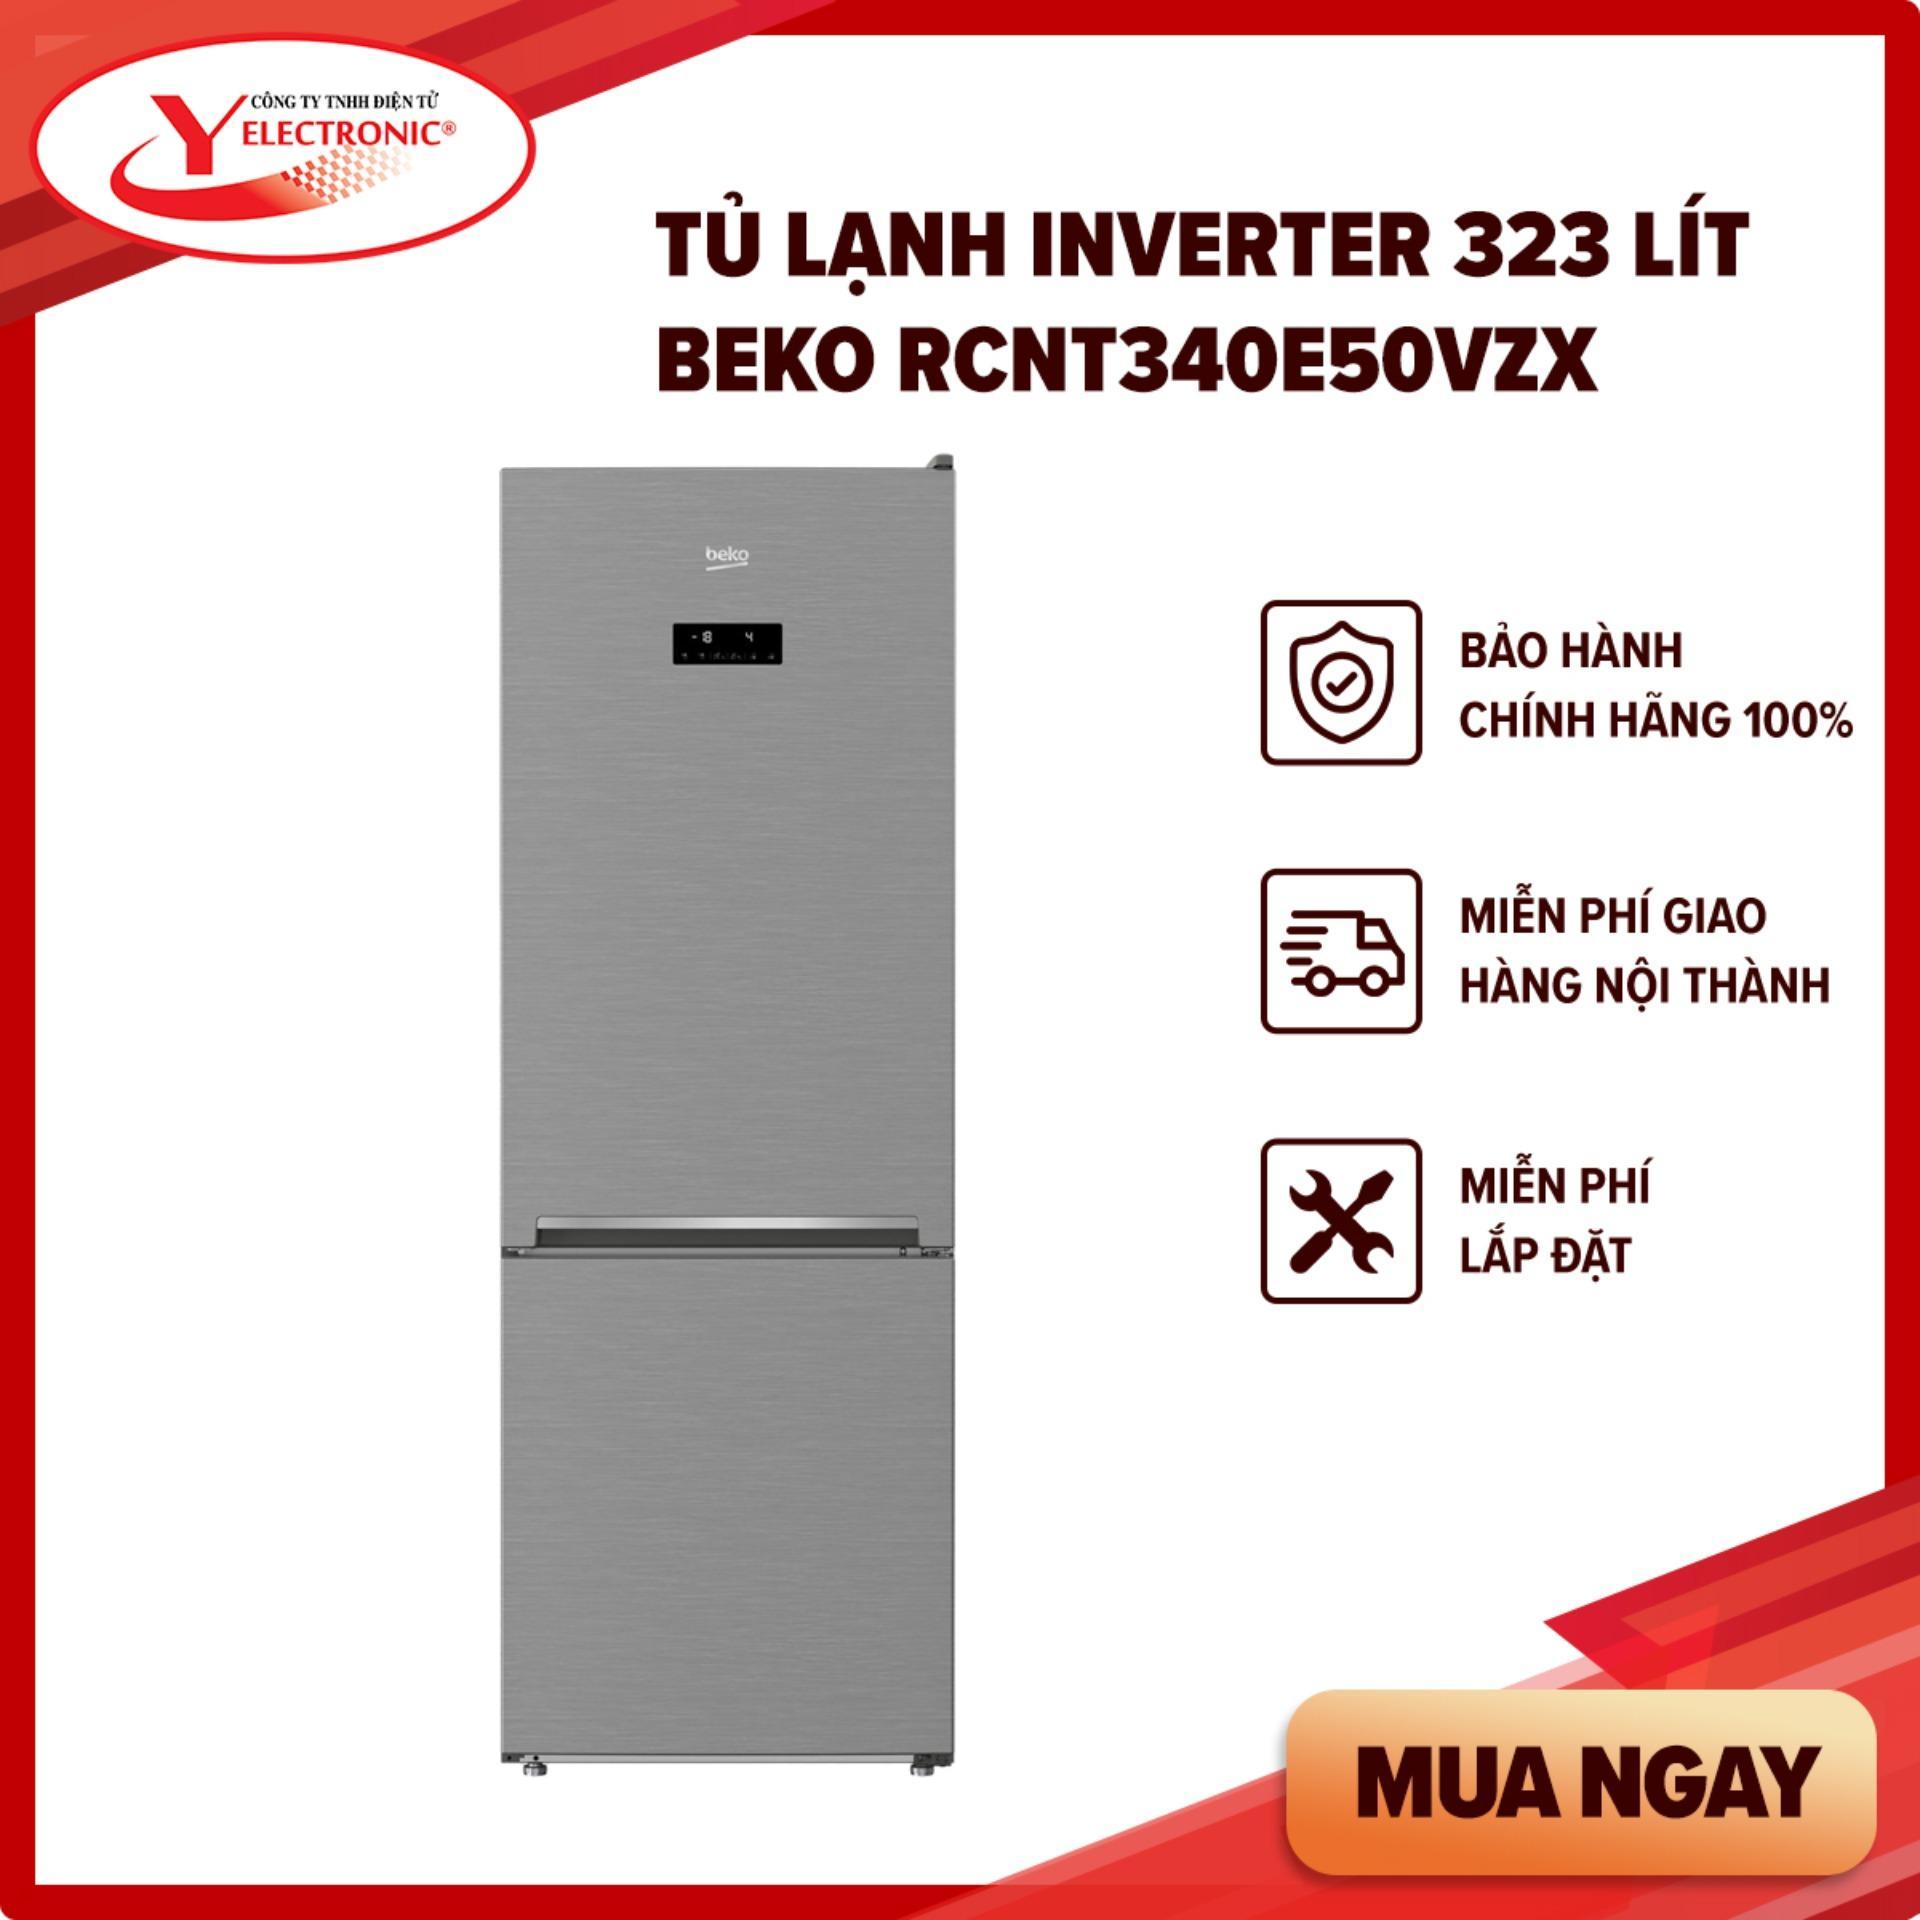 Bảng giá Tủ Lạnh Inverter 323 Lít Beko RCNT340E50VZX Điện máy Pico